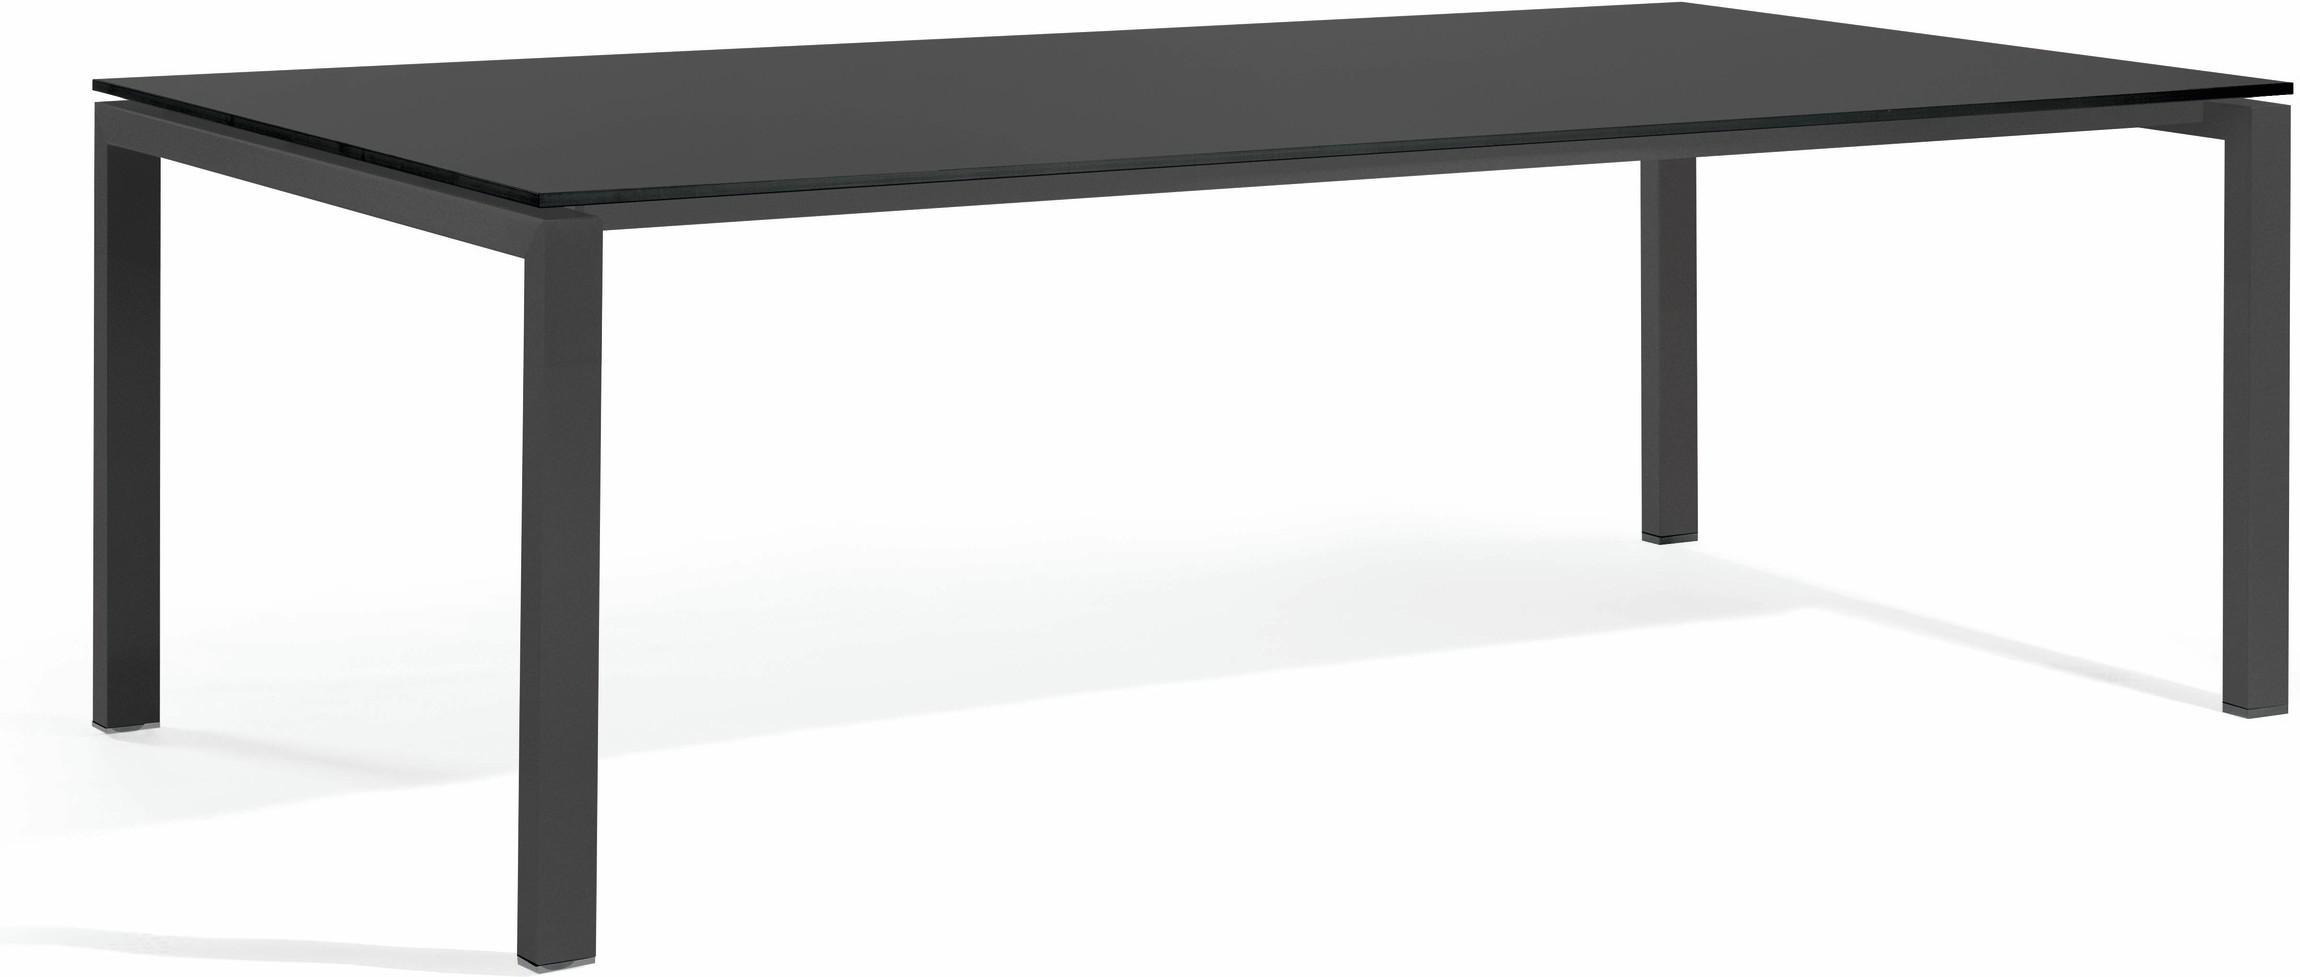 Trento Mesa de comedor - cristal negro GLB 270